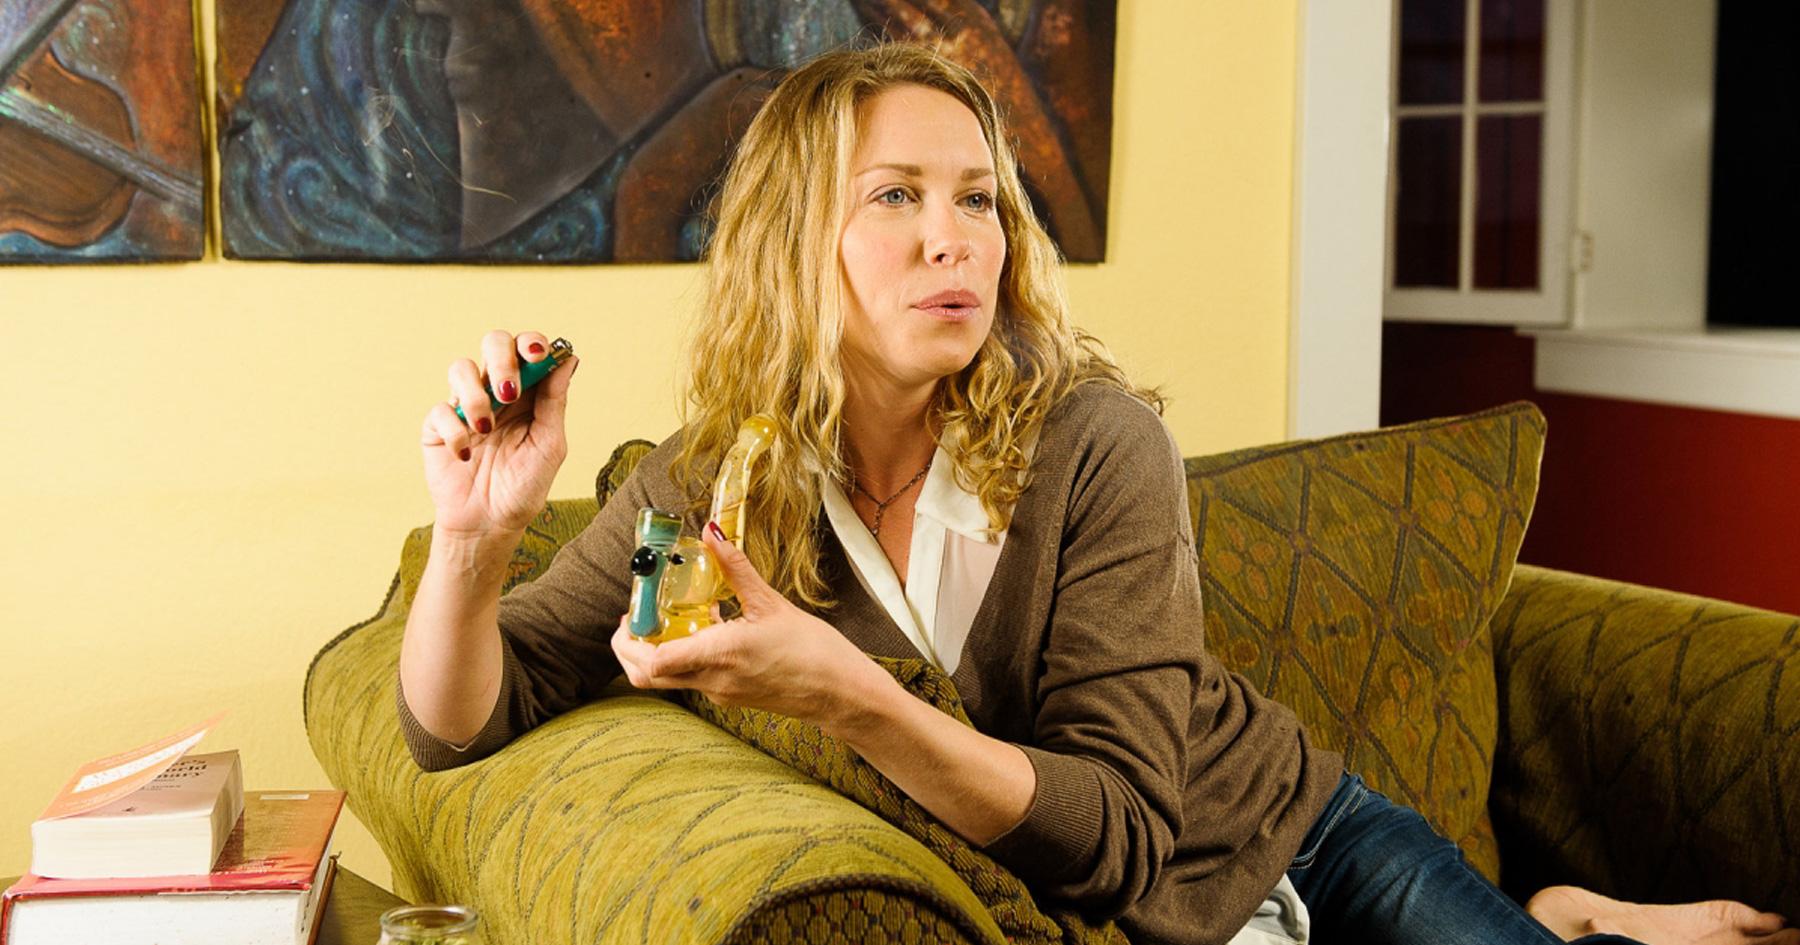 Elizabeth douglas camels cigarette before bedtime topless - 3 1